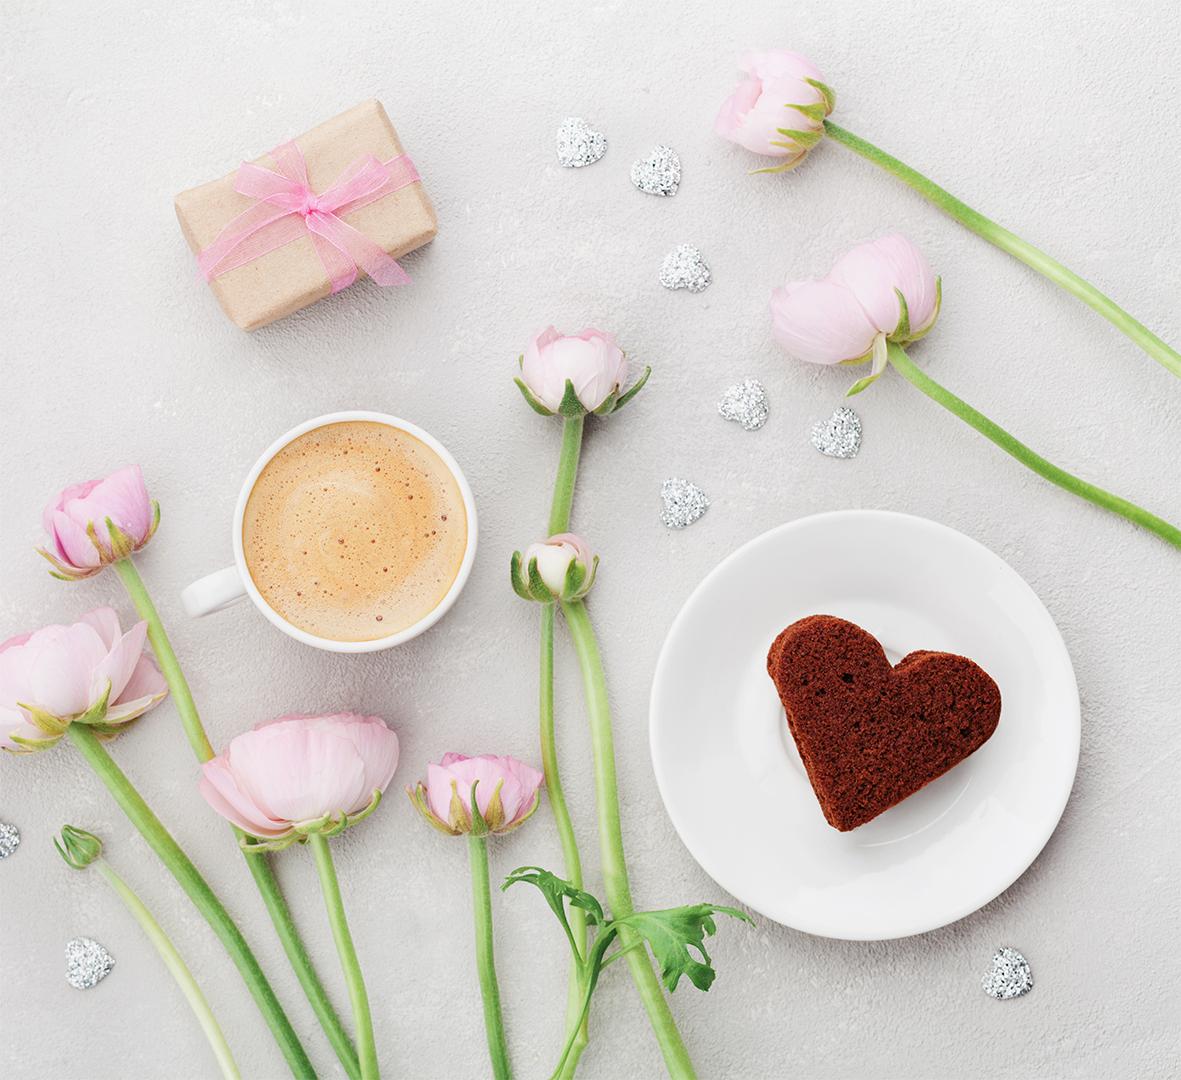 Smeerkeesjes - Valentijn 2018 - Blog FeelingGoods